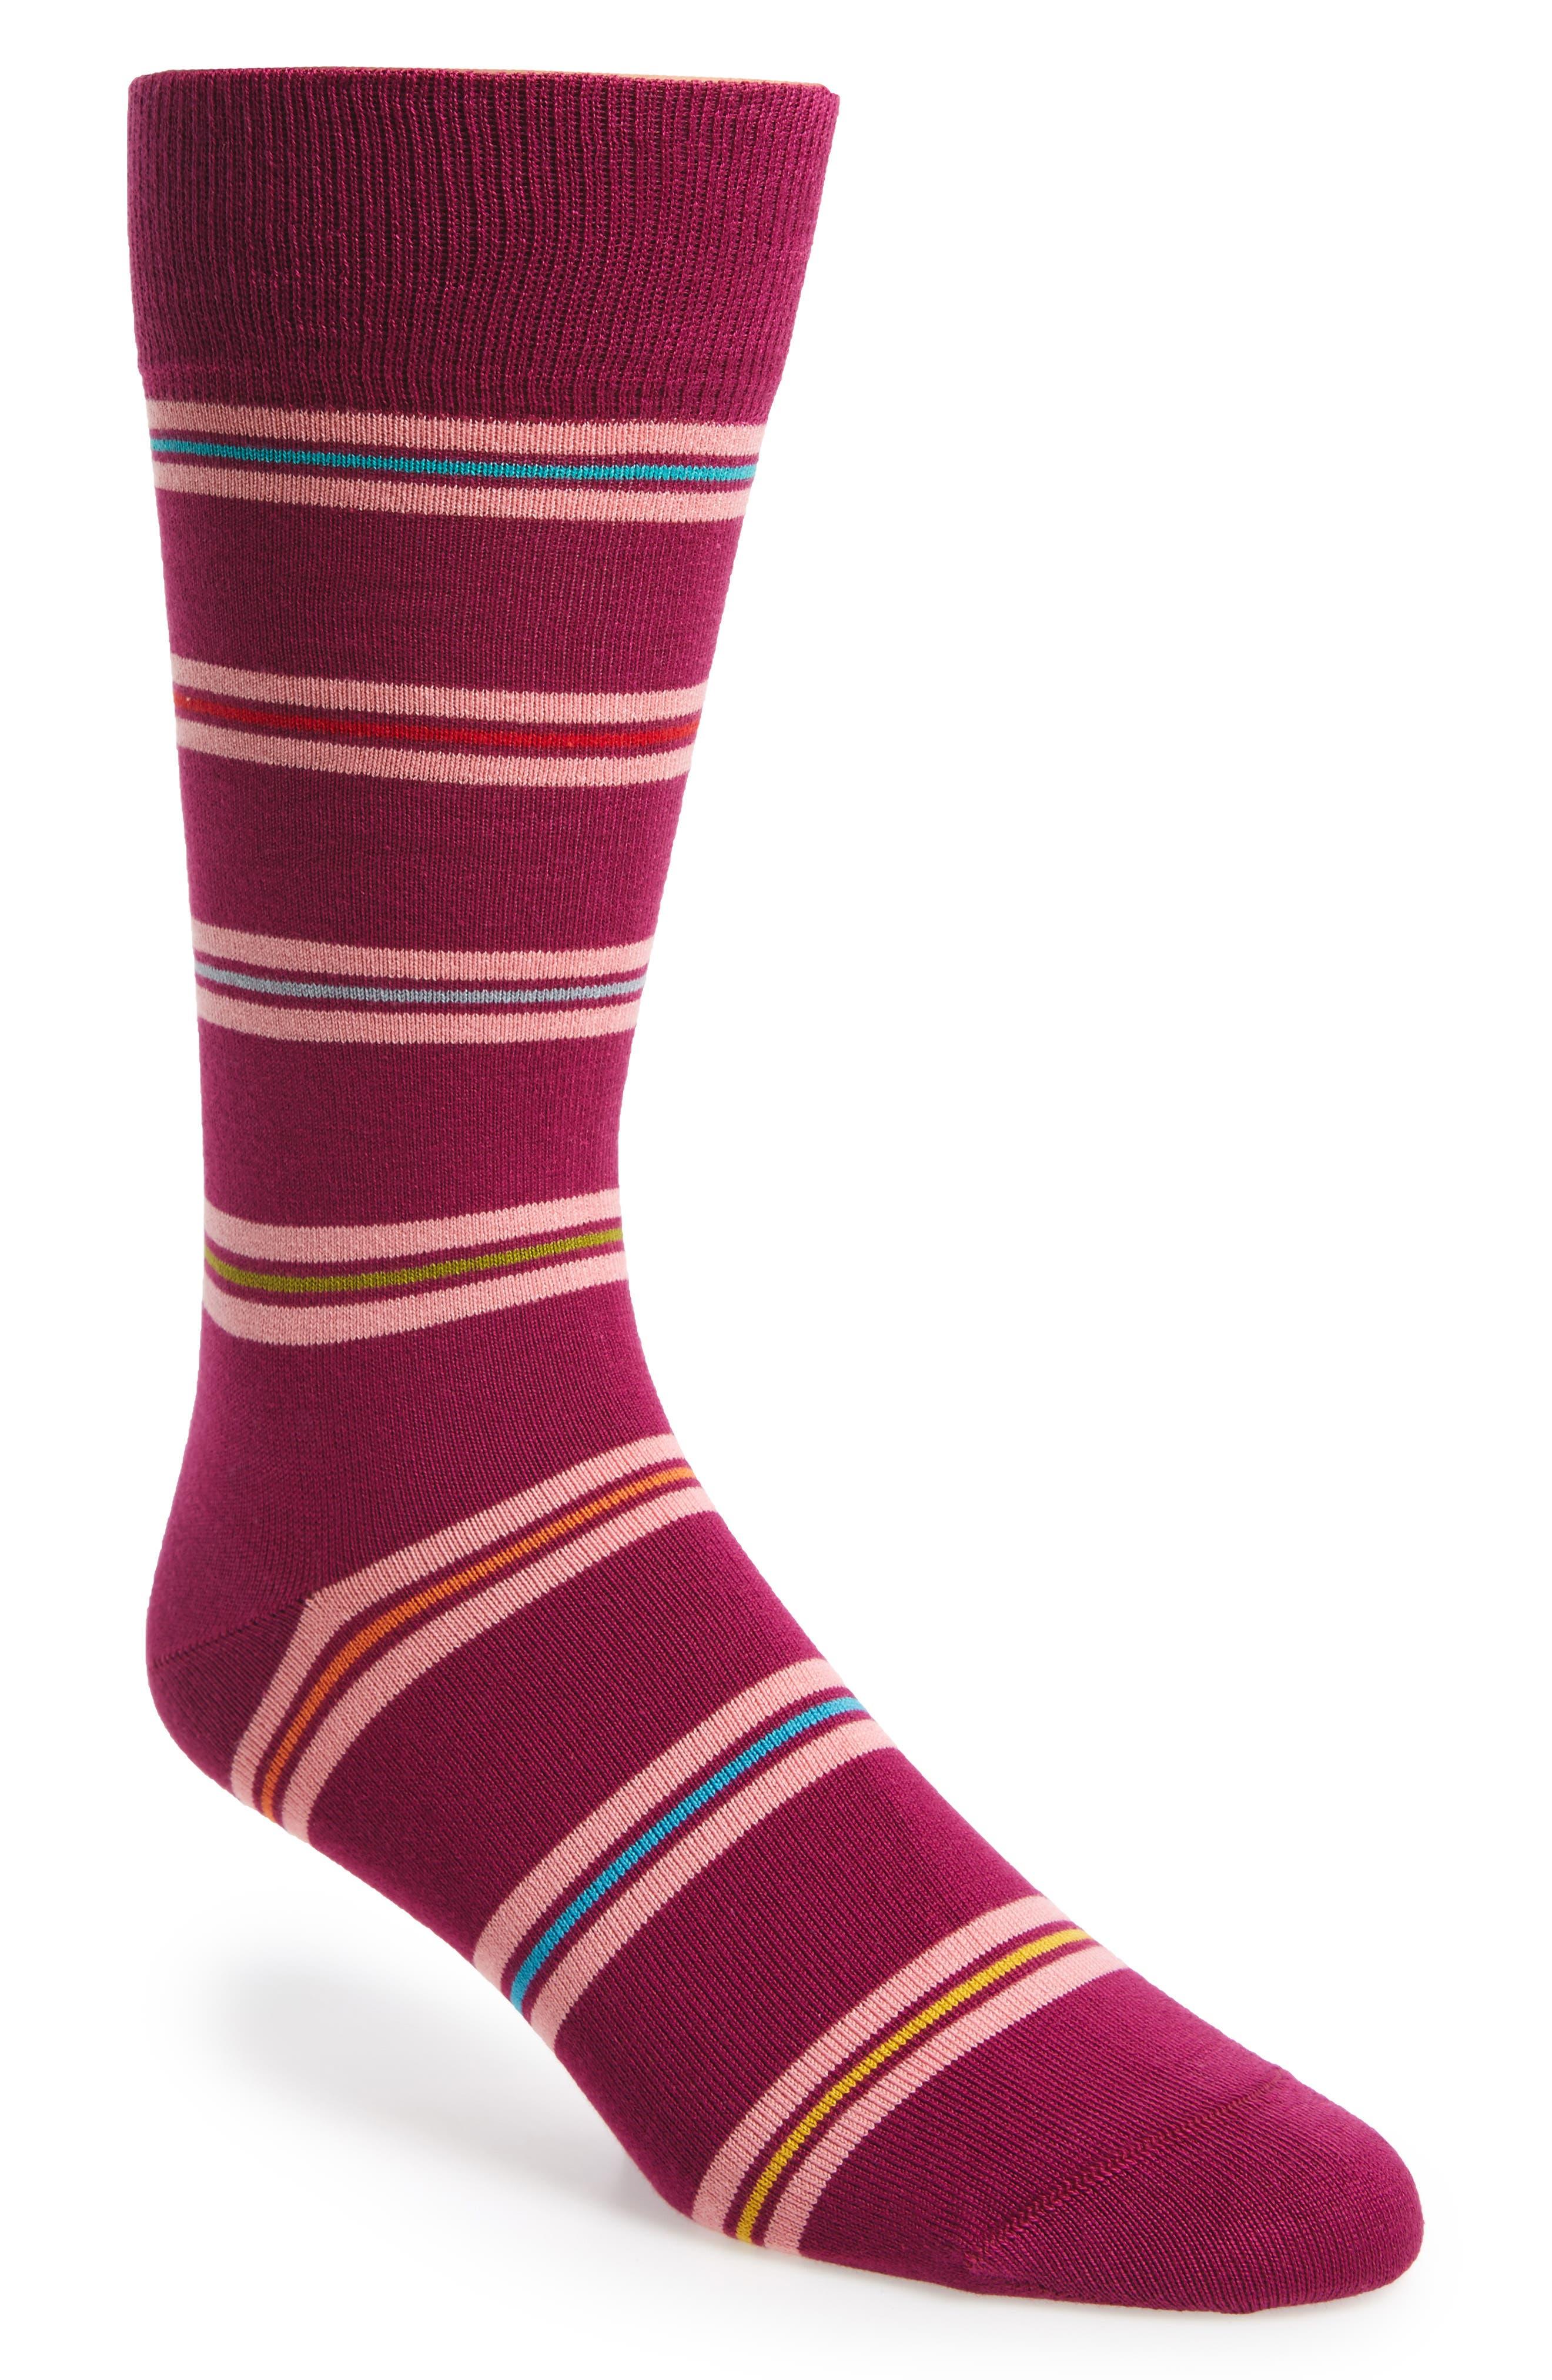 Paul Smith Blanket Stripe Socks